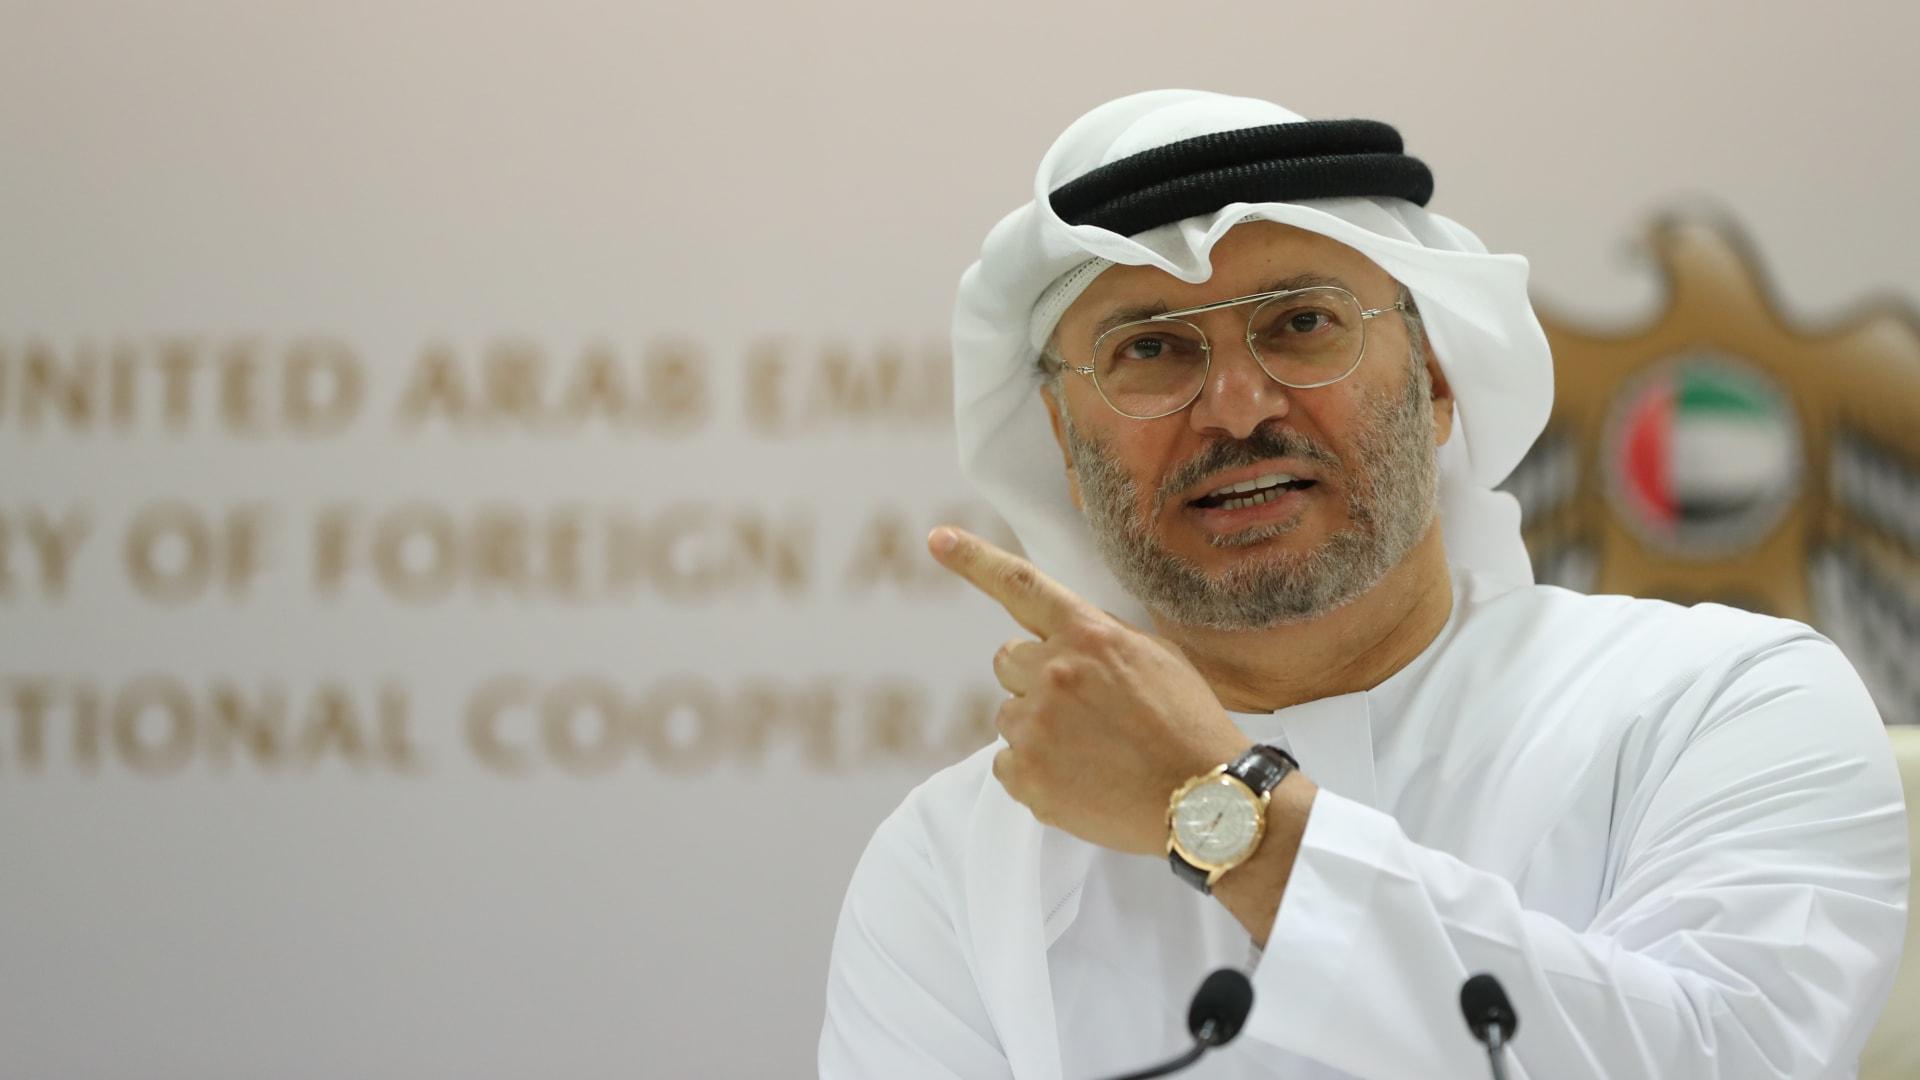 أنور قرقاش: نتوقع قمة تاريخية في السعودية نعيد من خلالها اللحمة الخليجية